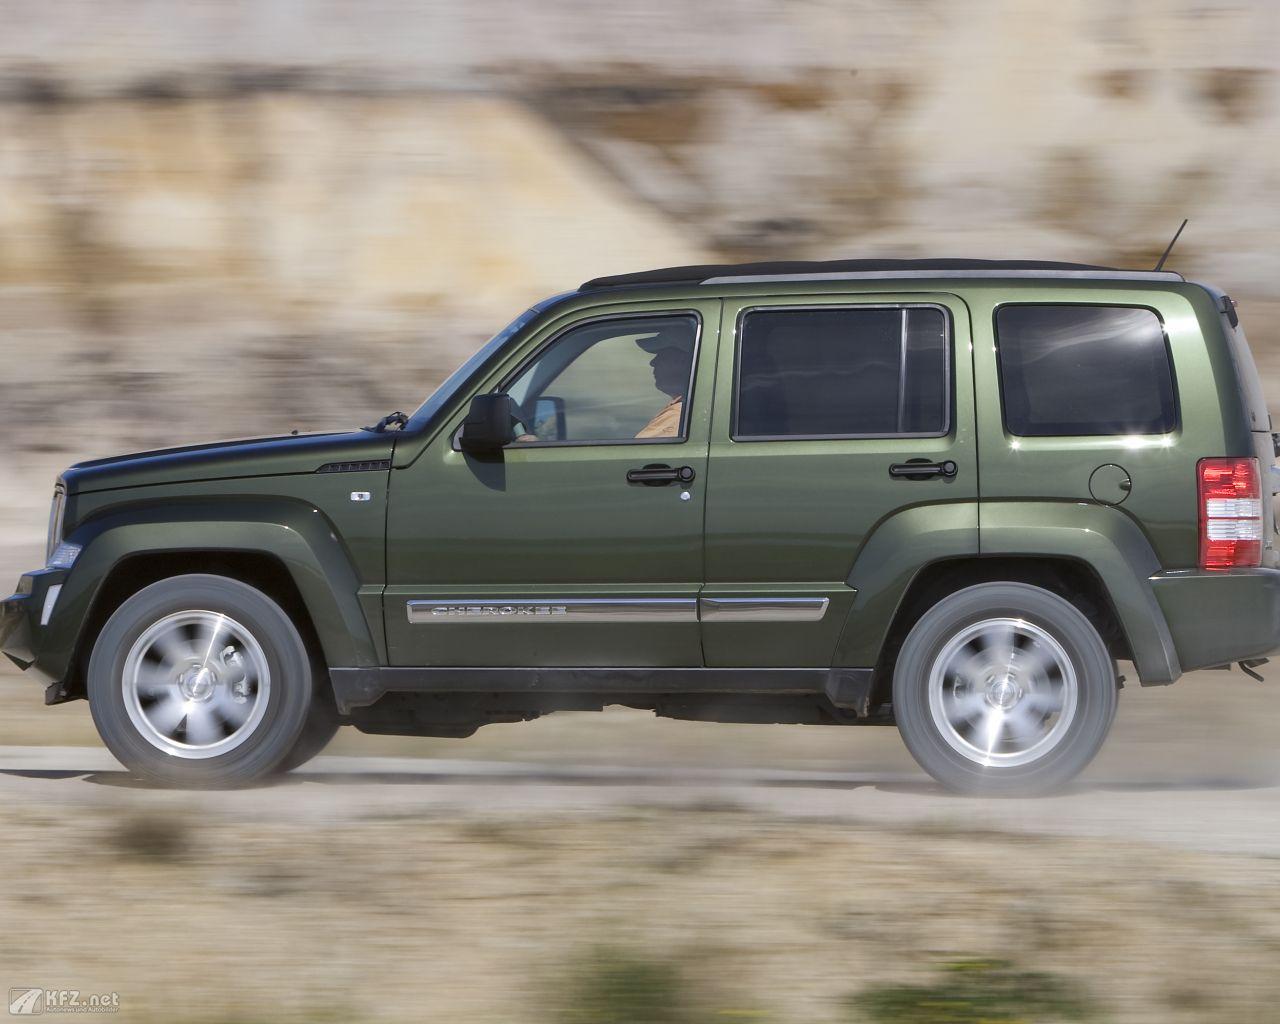 jeep-cherokee-1280x1024-15